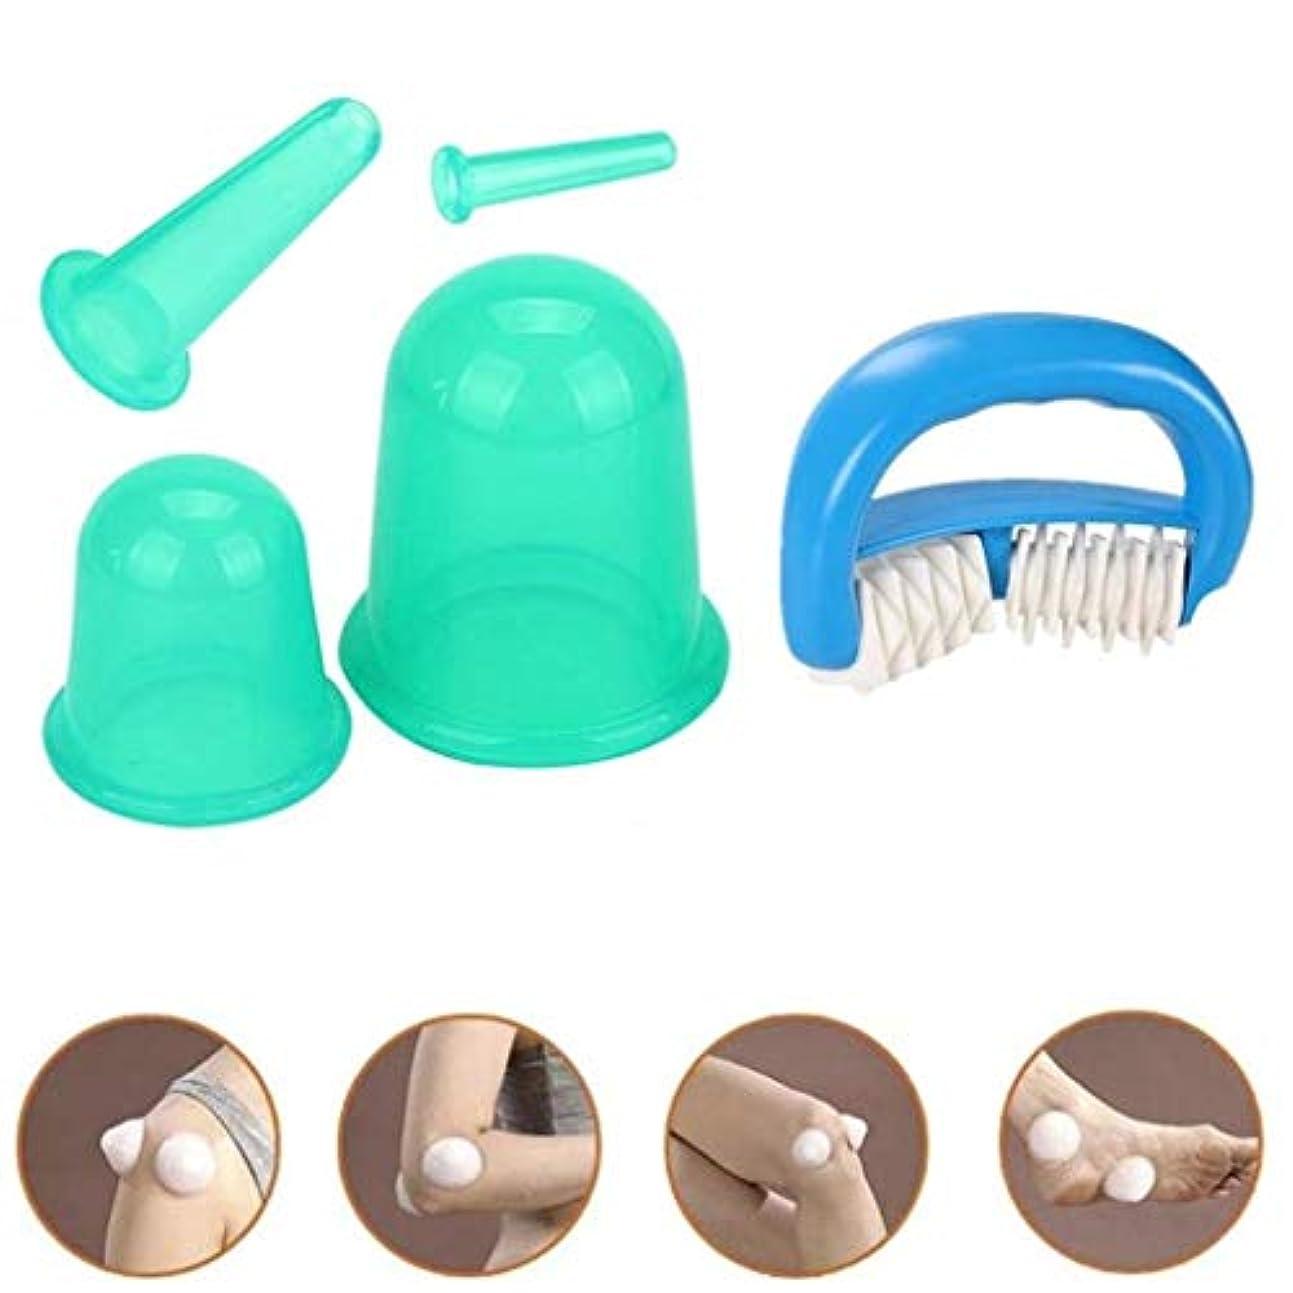 染料湿ったホーンカッピング装置、シリコンカッピング装置、シリコンカッピングカップ、吸湿タンク、スリミングローラーカッピング装置、家庭用真空マッサージカップ